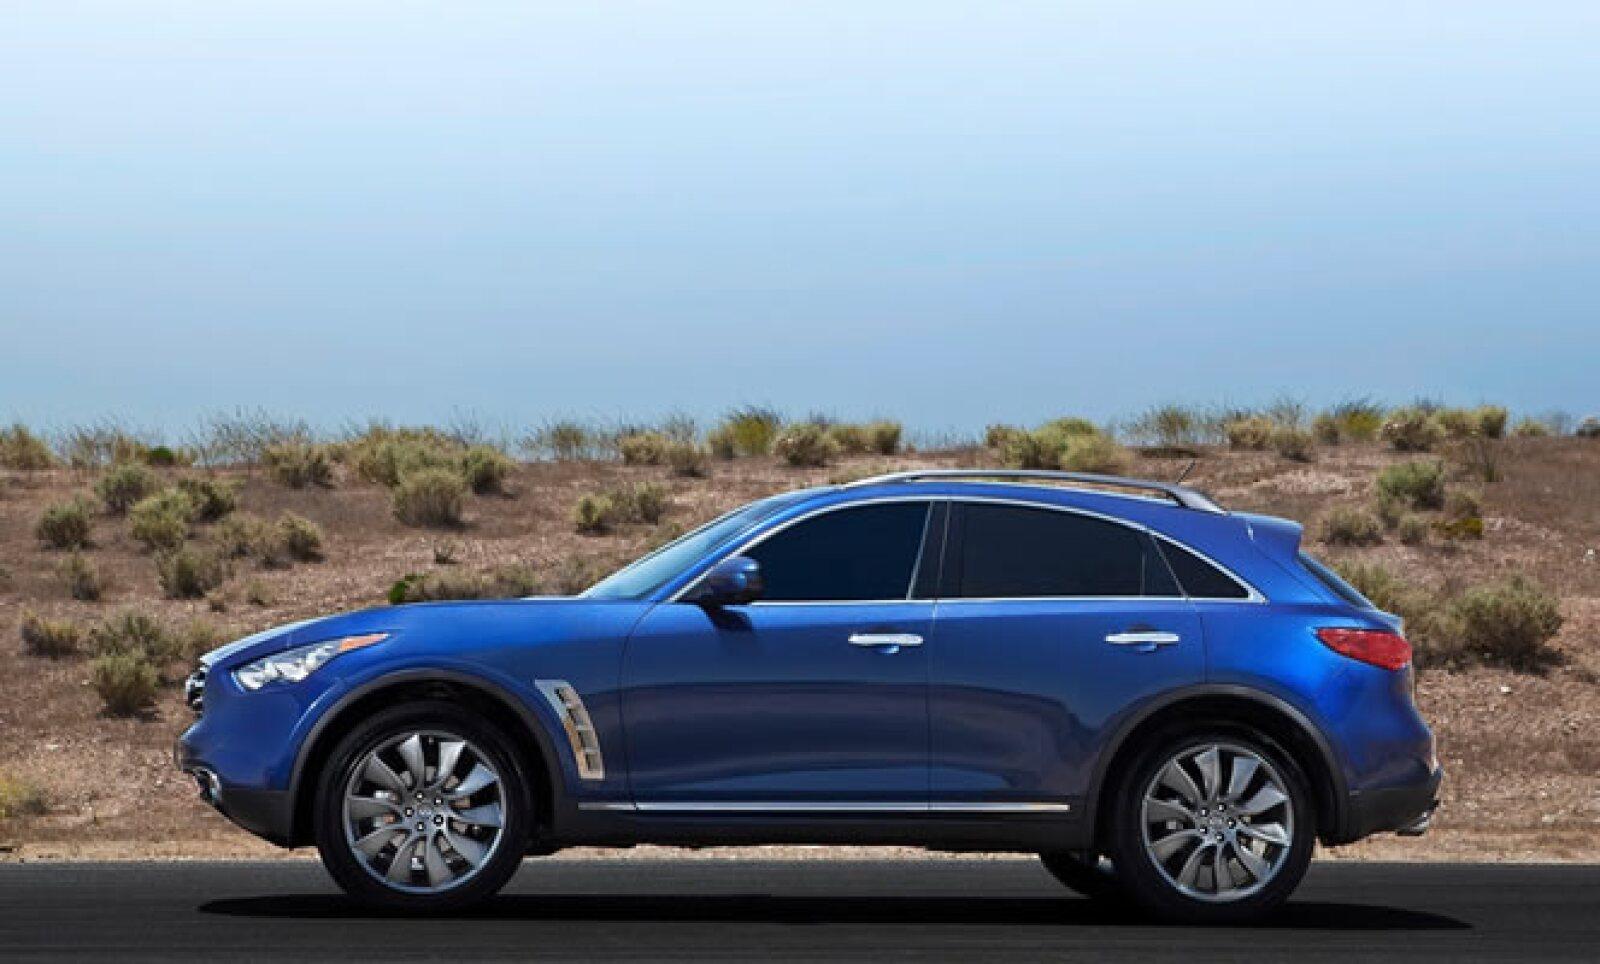 """""""Los cambios al frente de la FX 2012 la hacen distinguirse de aquellos vehículos que siguen buscando nuestro liderato desde hace más de 8 años"""", dijo Ben Poore, vicepresidente de Infiniti Americas, en un comunicado de prensa."""